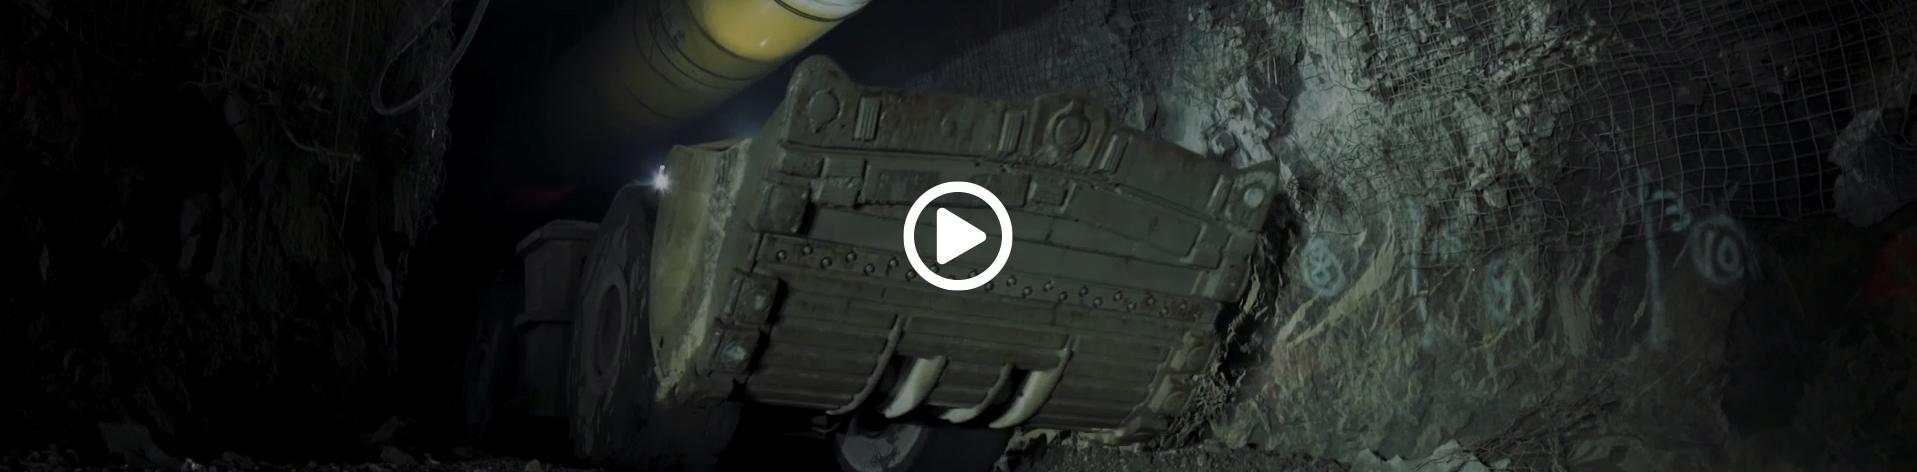 Capture Écran de notre vidéo d'entreprise, Clickez pour jouer la vidéo